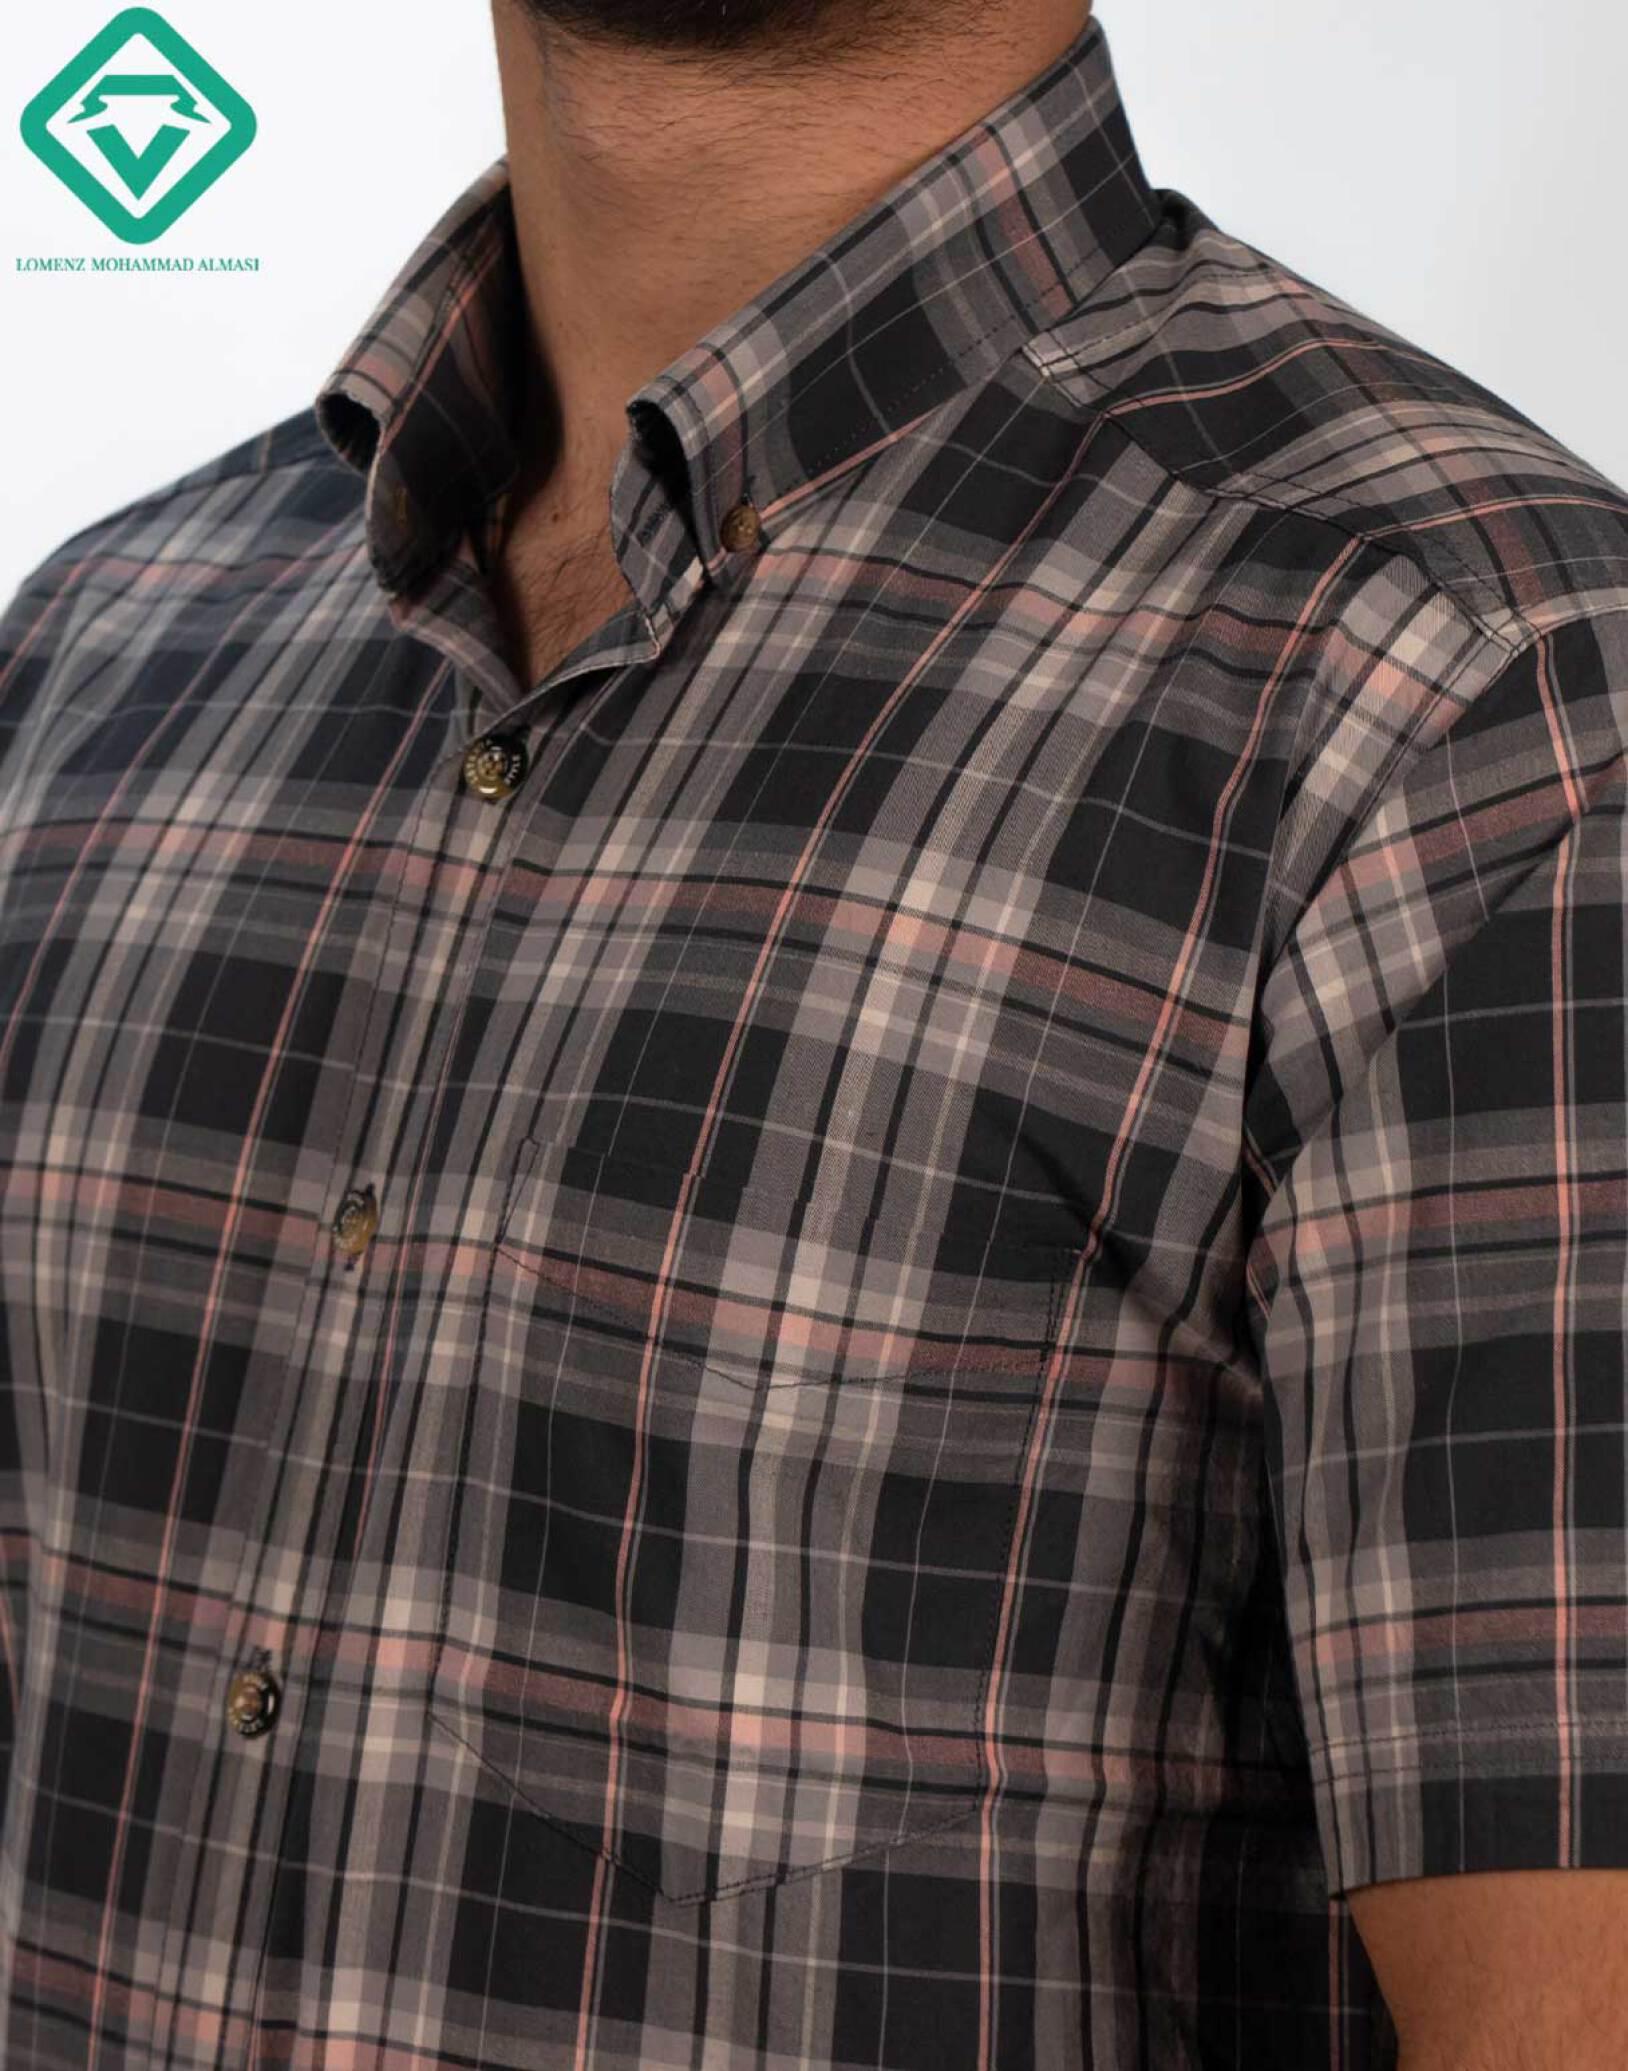 پیراهن اسپرت چهارخونه کد 006 تولید شده توسط سایت لومنز